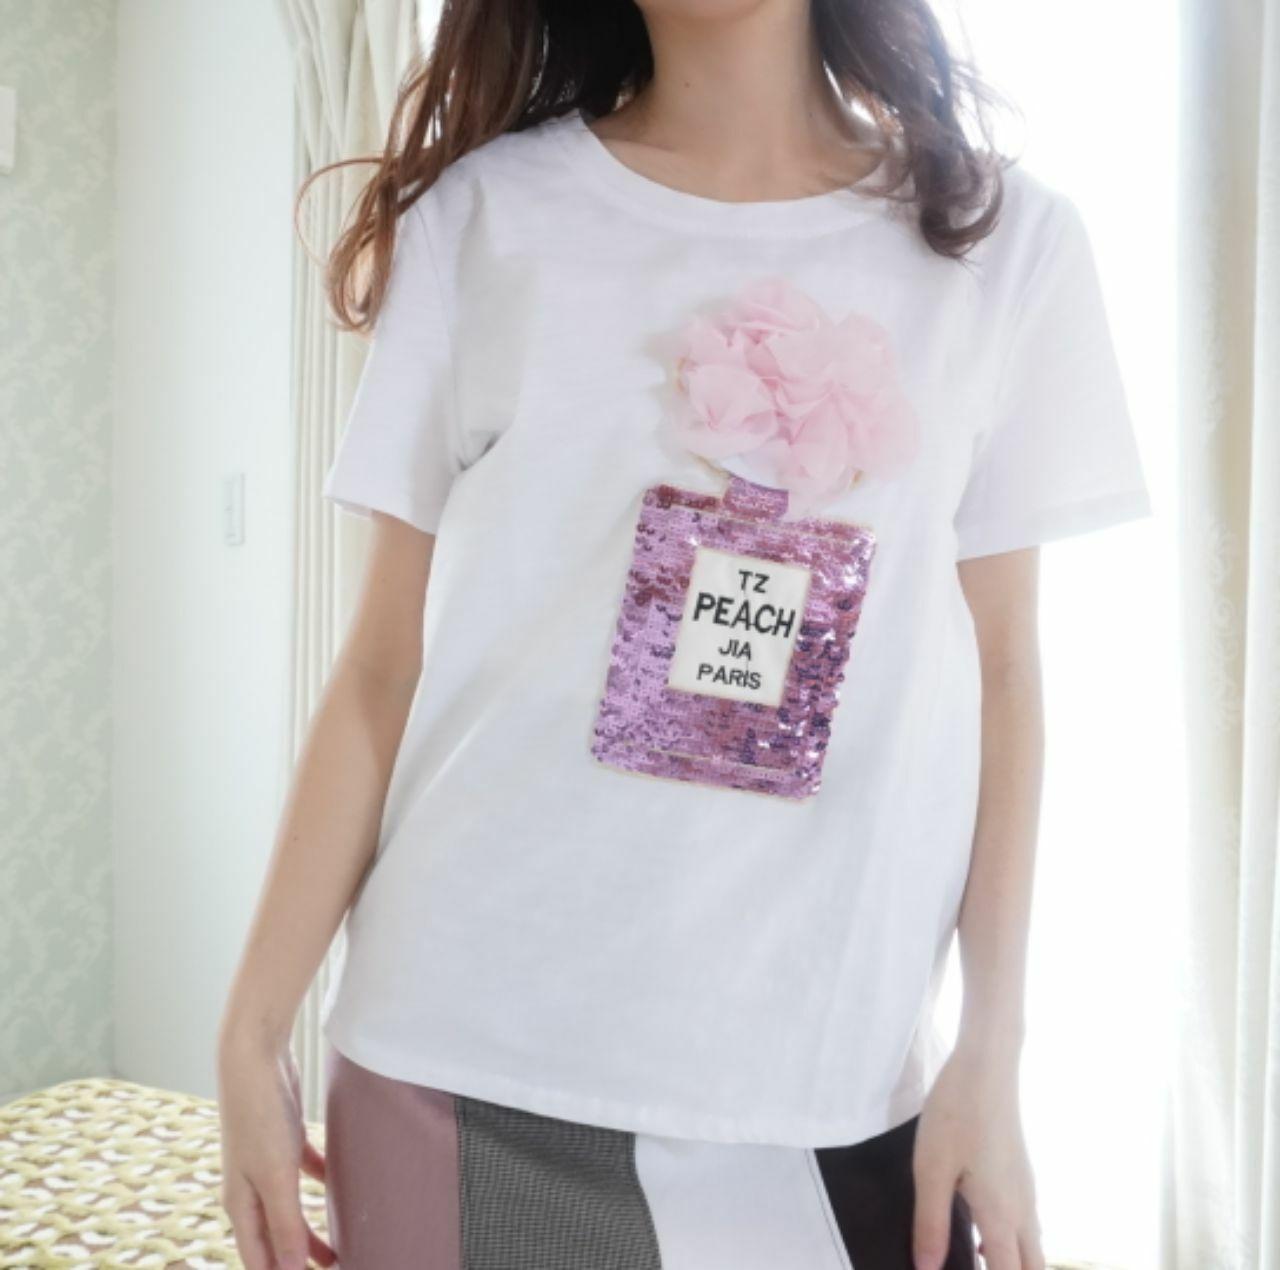 パフュームTシャツ